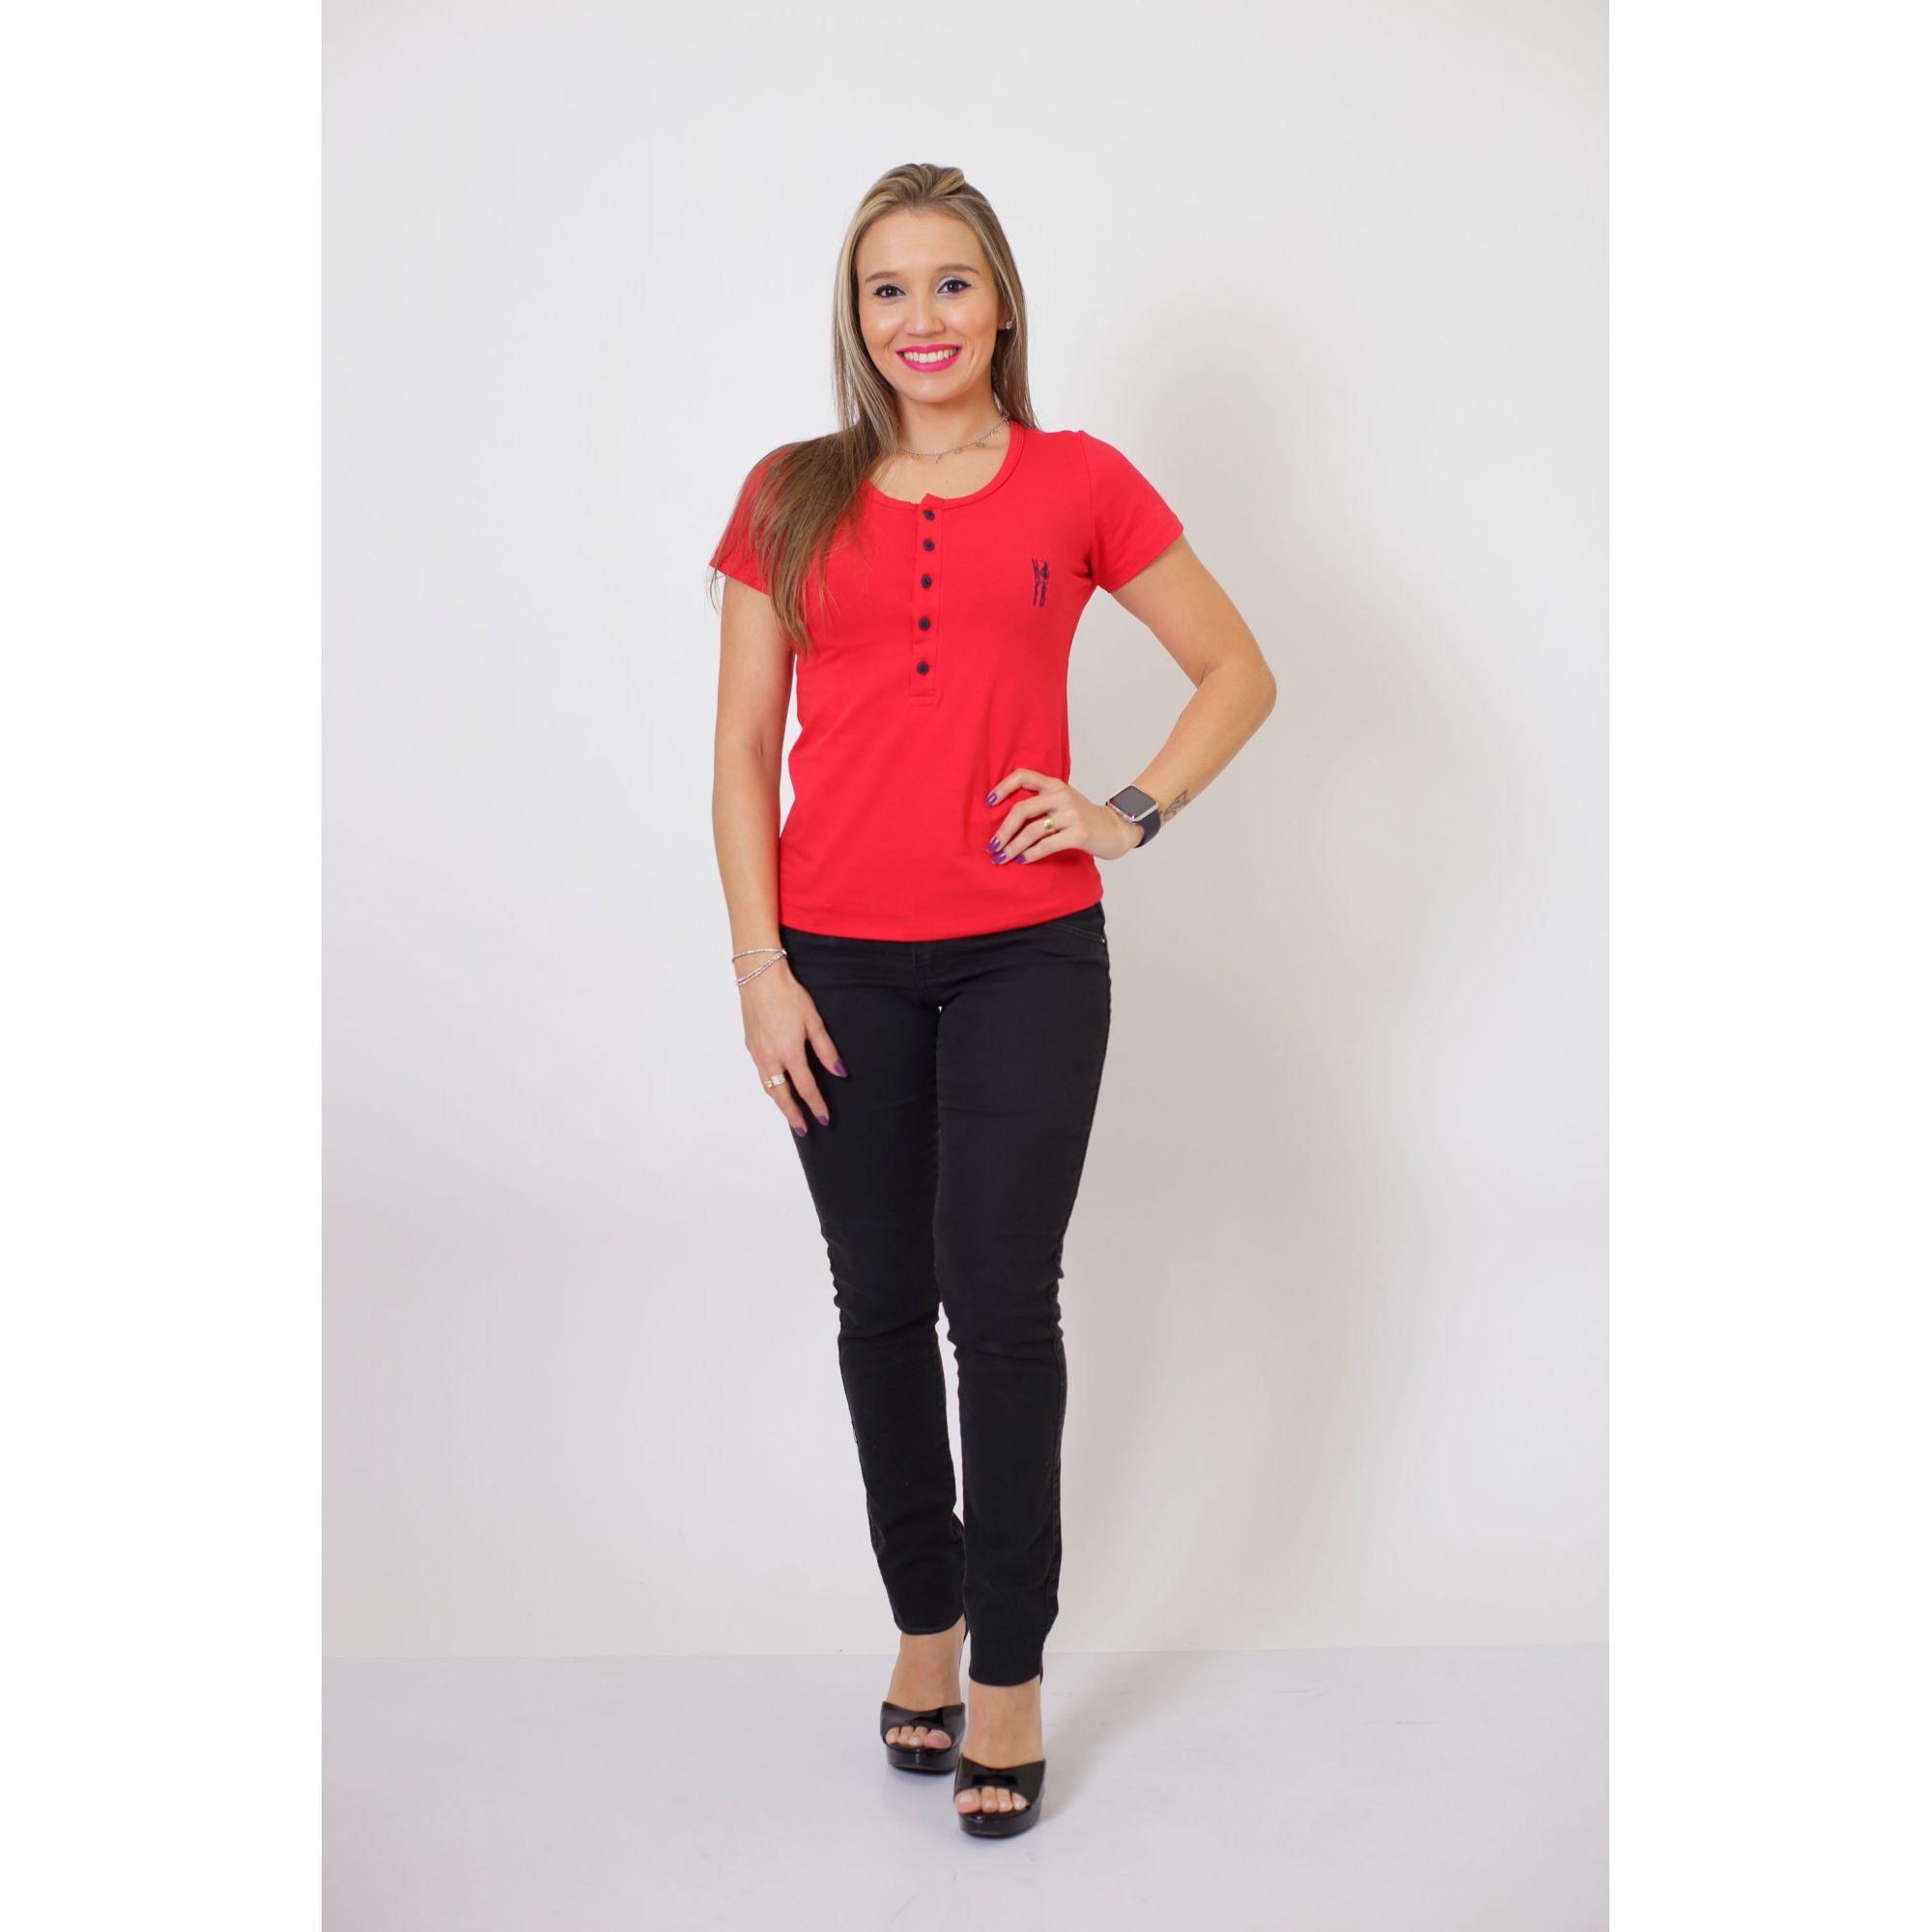 NAMORADOS > Kit 02 Peças T-Shirt Henley Vermelho - Masculina + Feminina [Coleção Namorados]  - Heitor Fashion Brazil